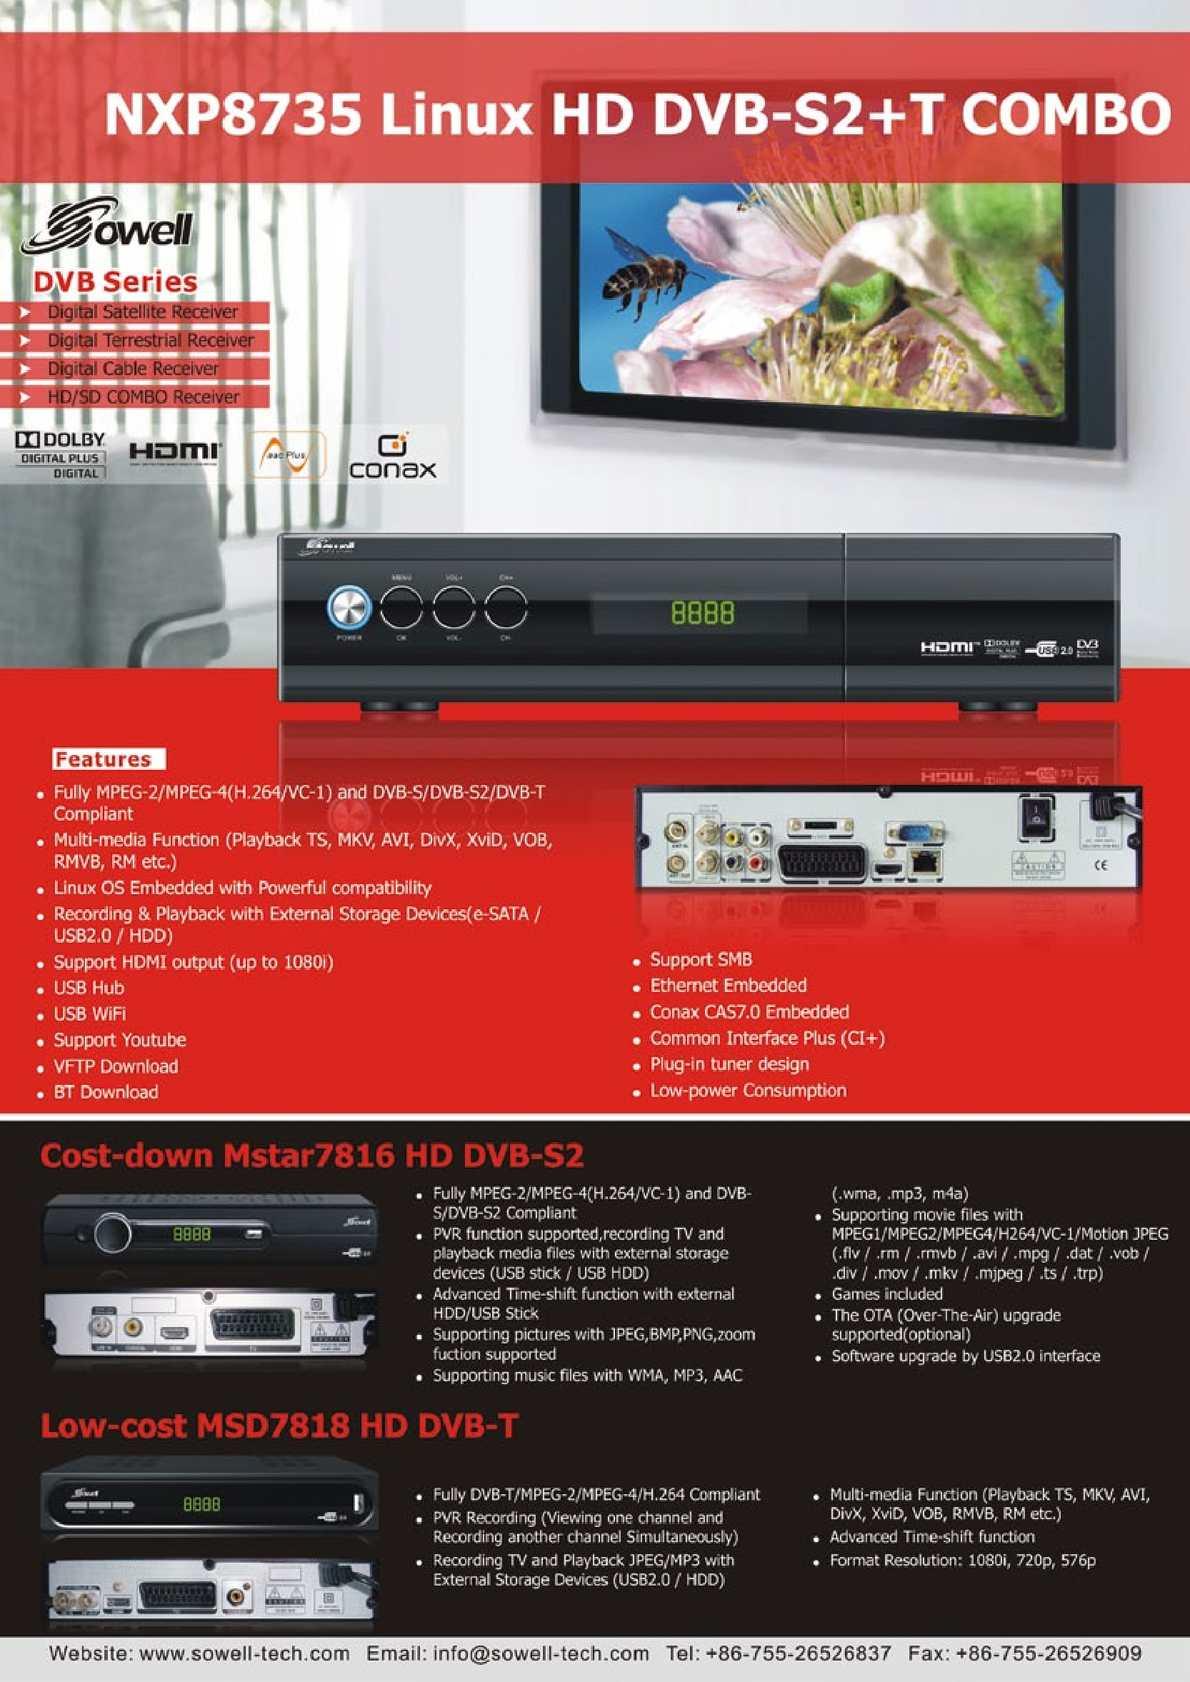 eng TELE-satellite-1201 - CALAMEO Downloader